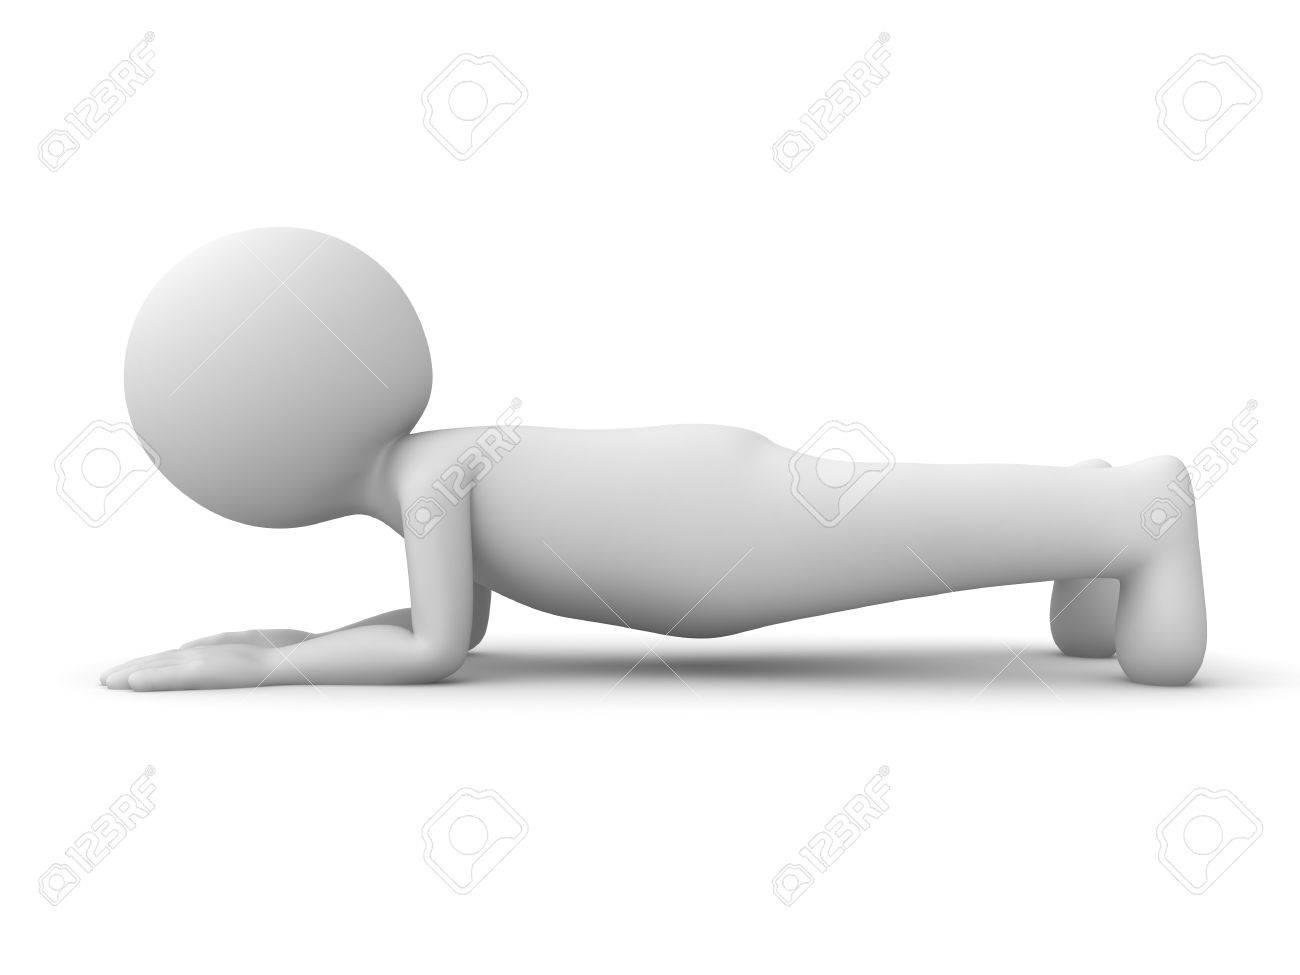 3d hombre haciendo ejercicio de tablón aislado en fondo blanco con sombra.  Representación 3D. 49b1a2b8ca0f